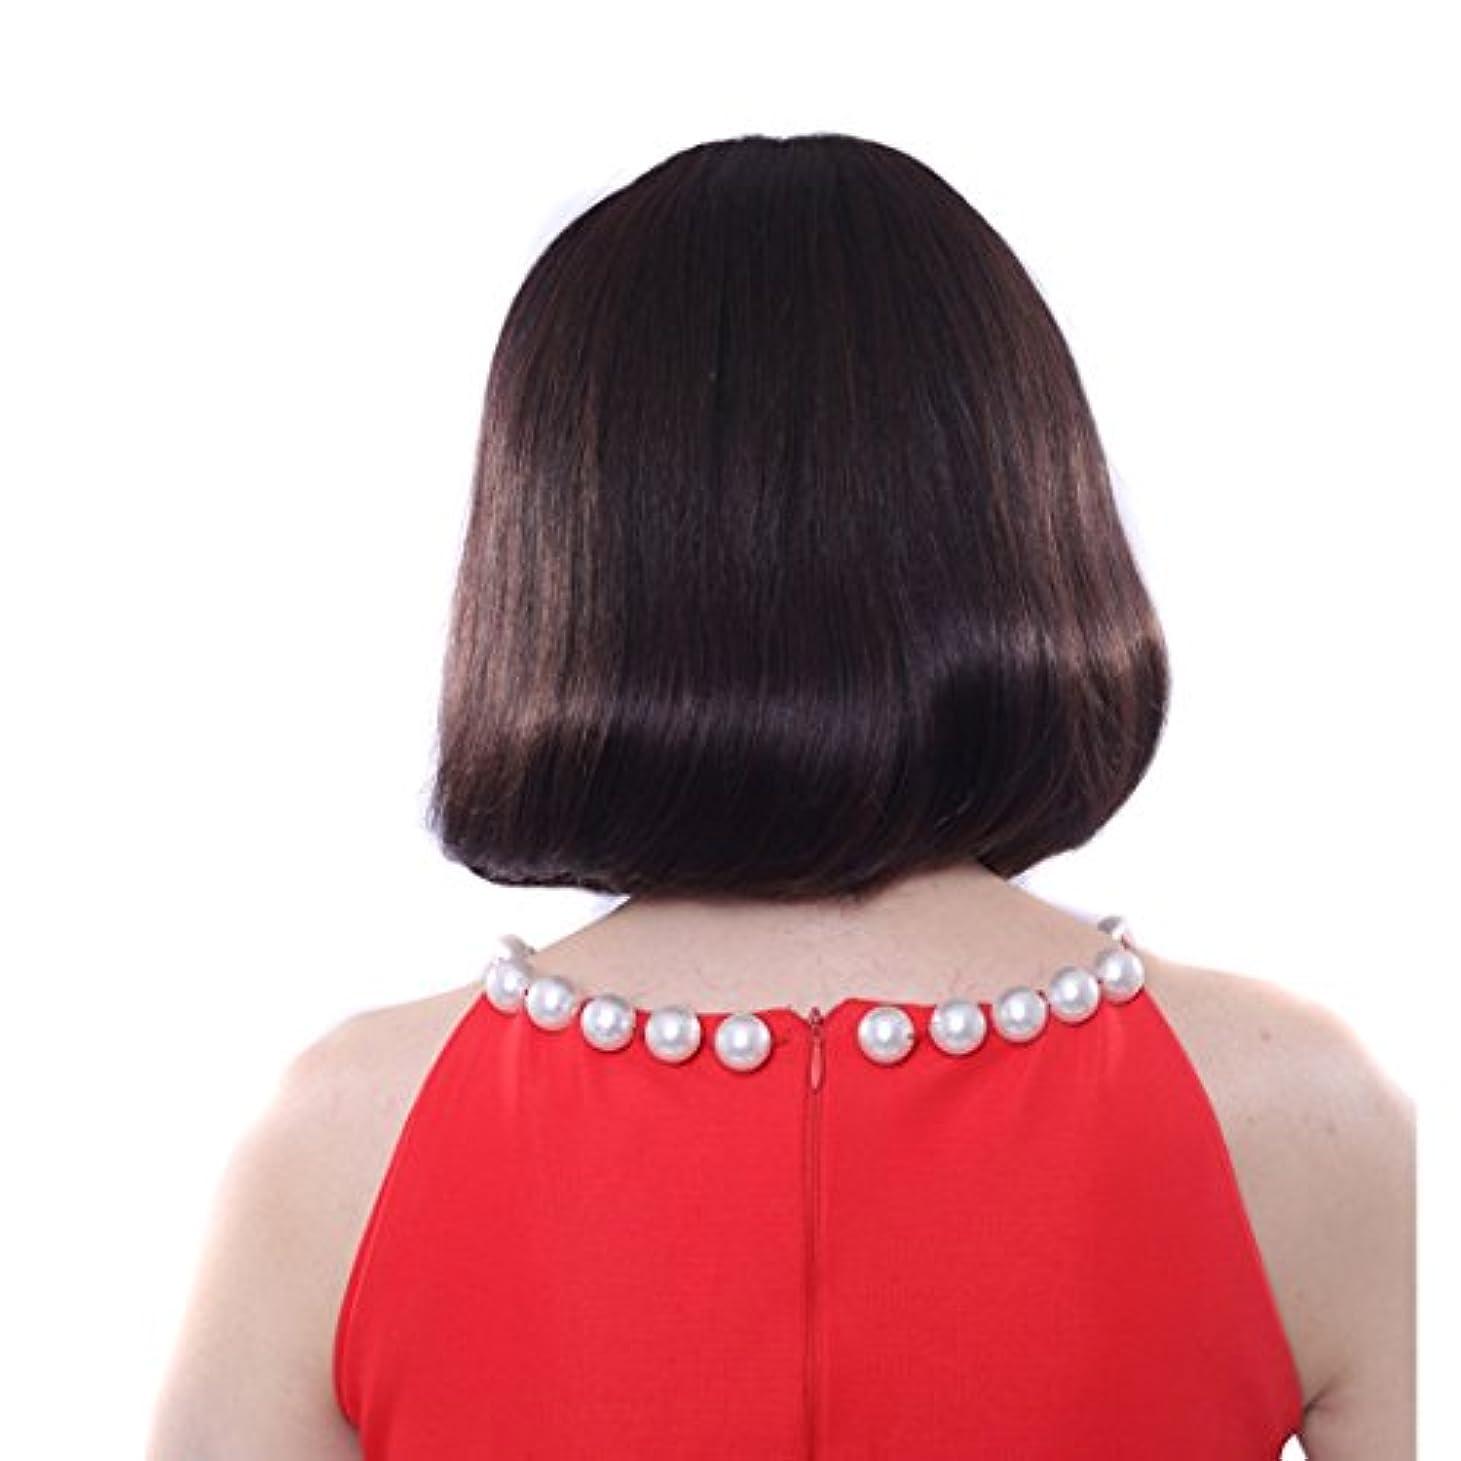 パトロール見物人課すYOUQIU 現実的な人間の自然なかつらの内部梨髪シルクヘアボボヘッドウィッグカーリーフラット前髪ウィッグFuffyインナー梨髪の長さが26センチメートルウィッグ (色 : 黒)